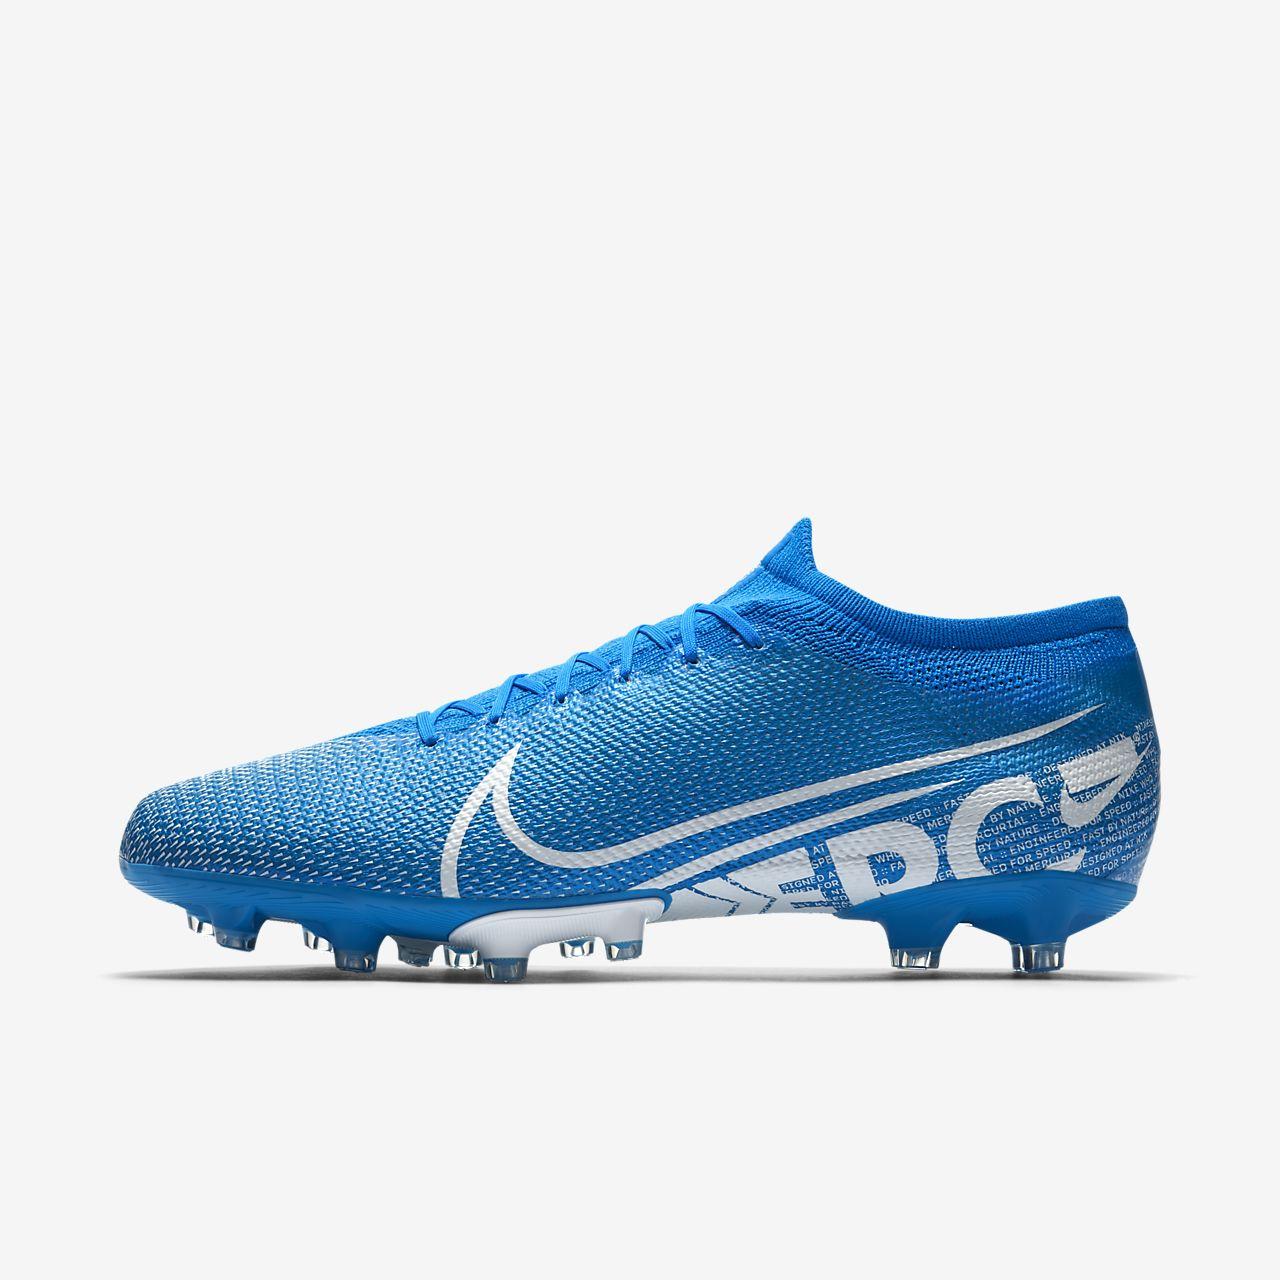 Fotbollsko för konstgräs Nike Mercurial Vapor 13 Pro AG-PRO